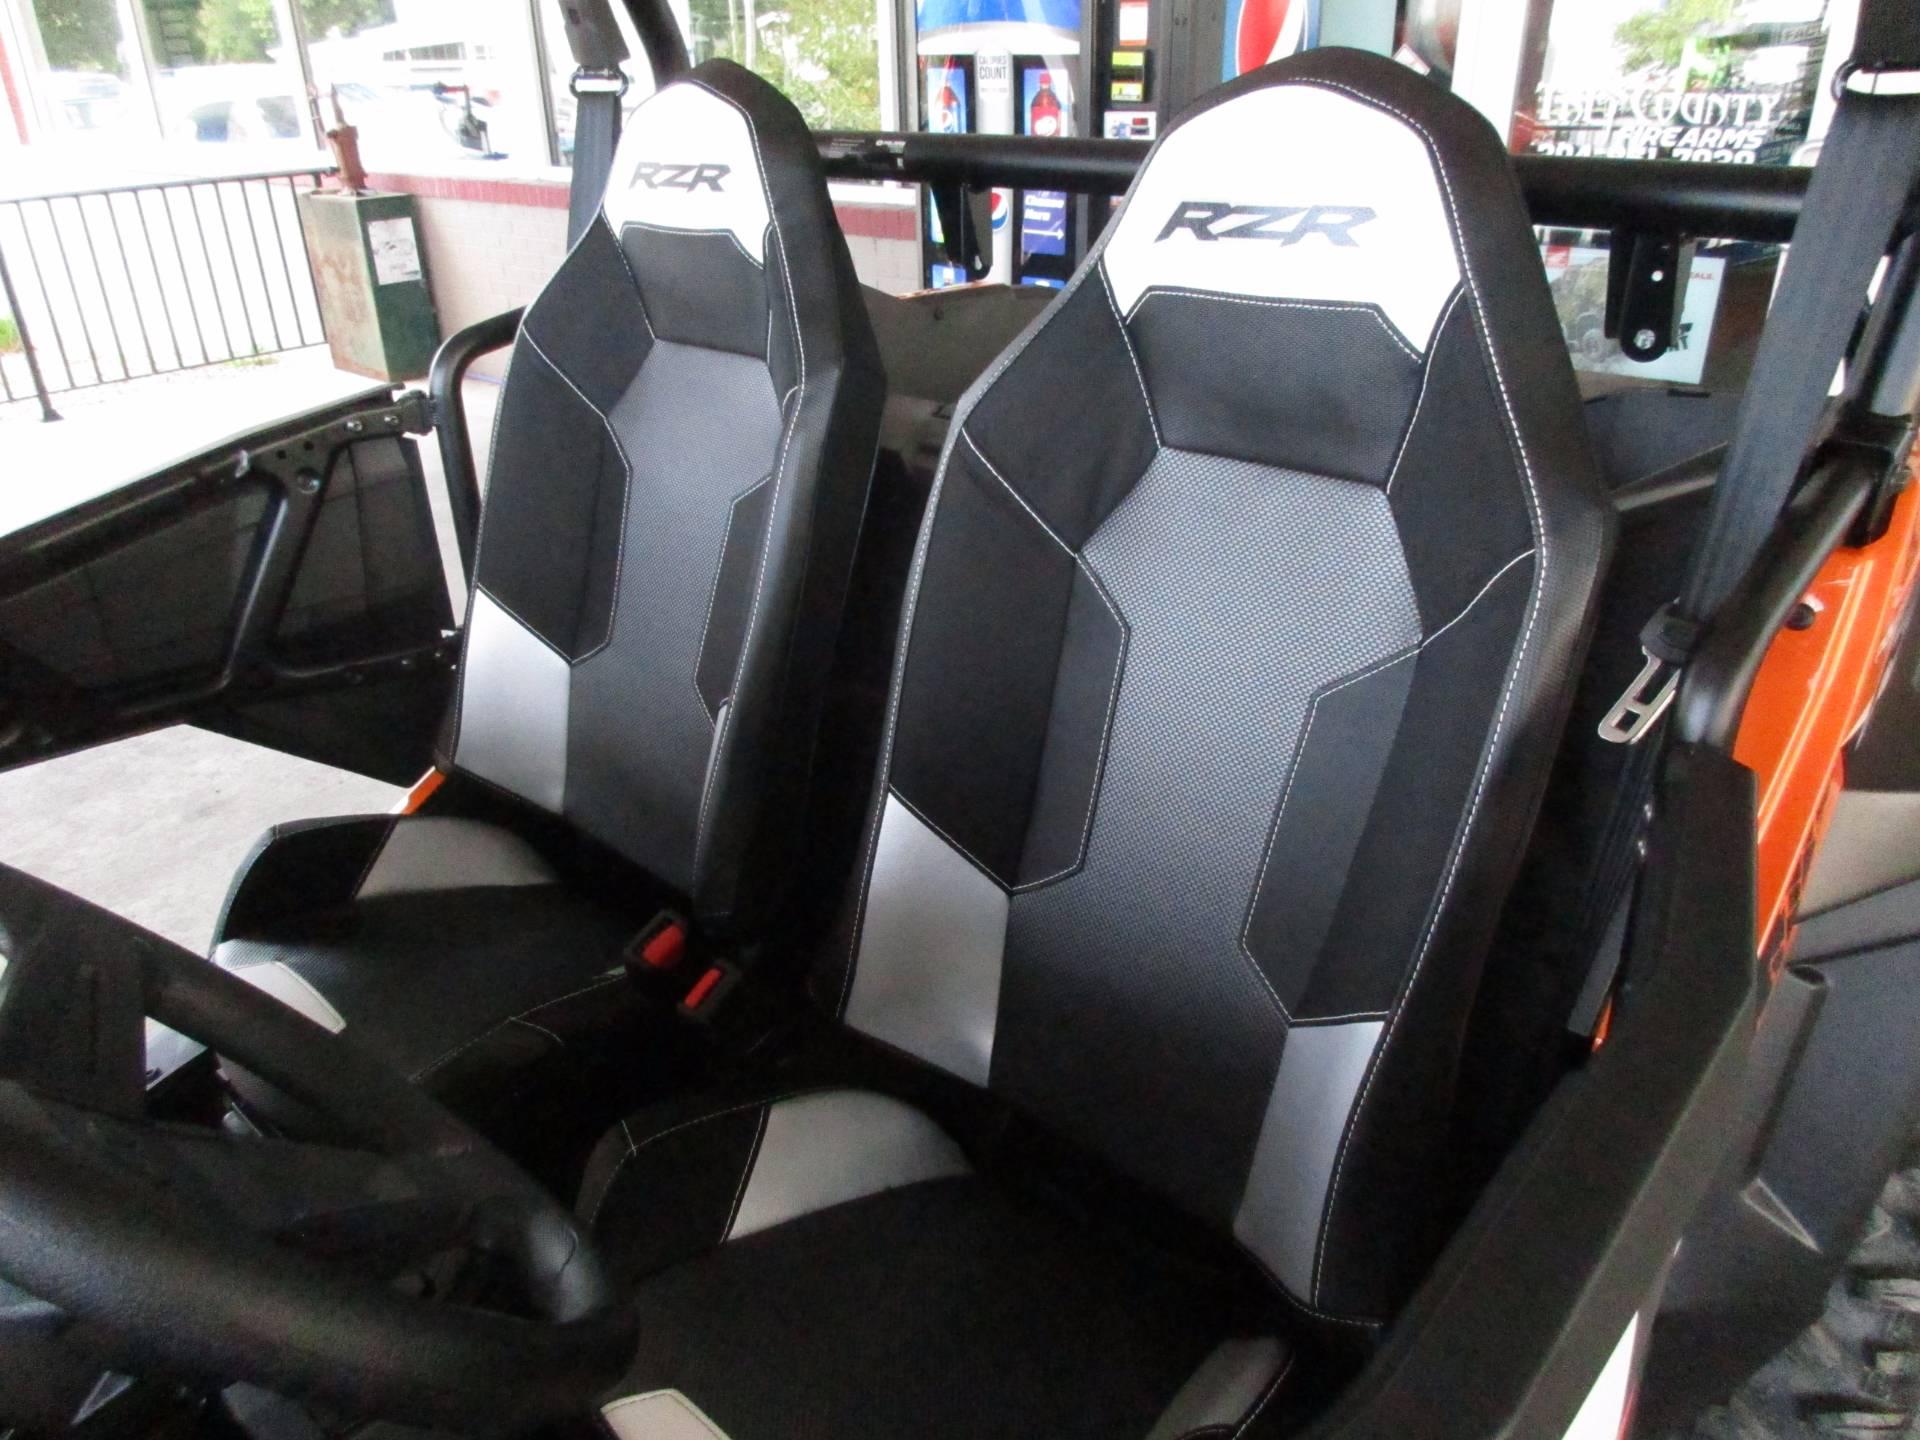 2017 Polaris RZR S 1000 EPS 7